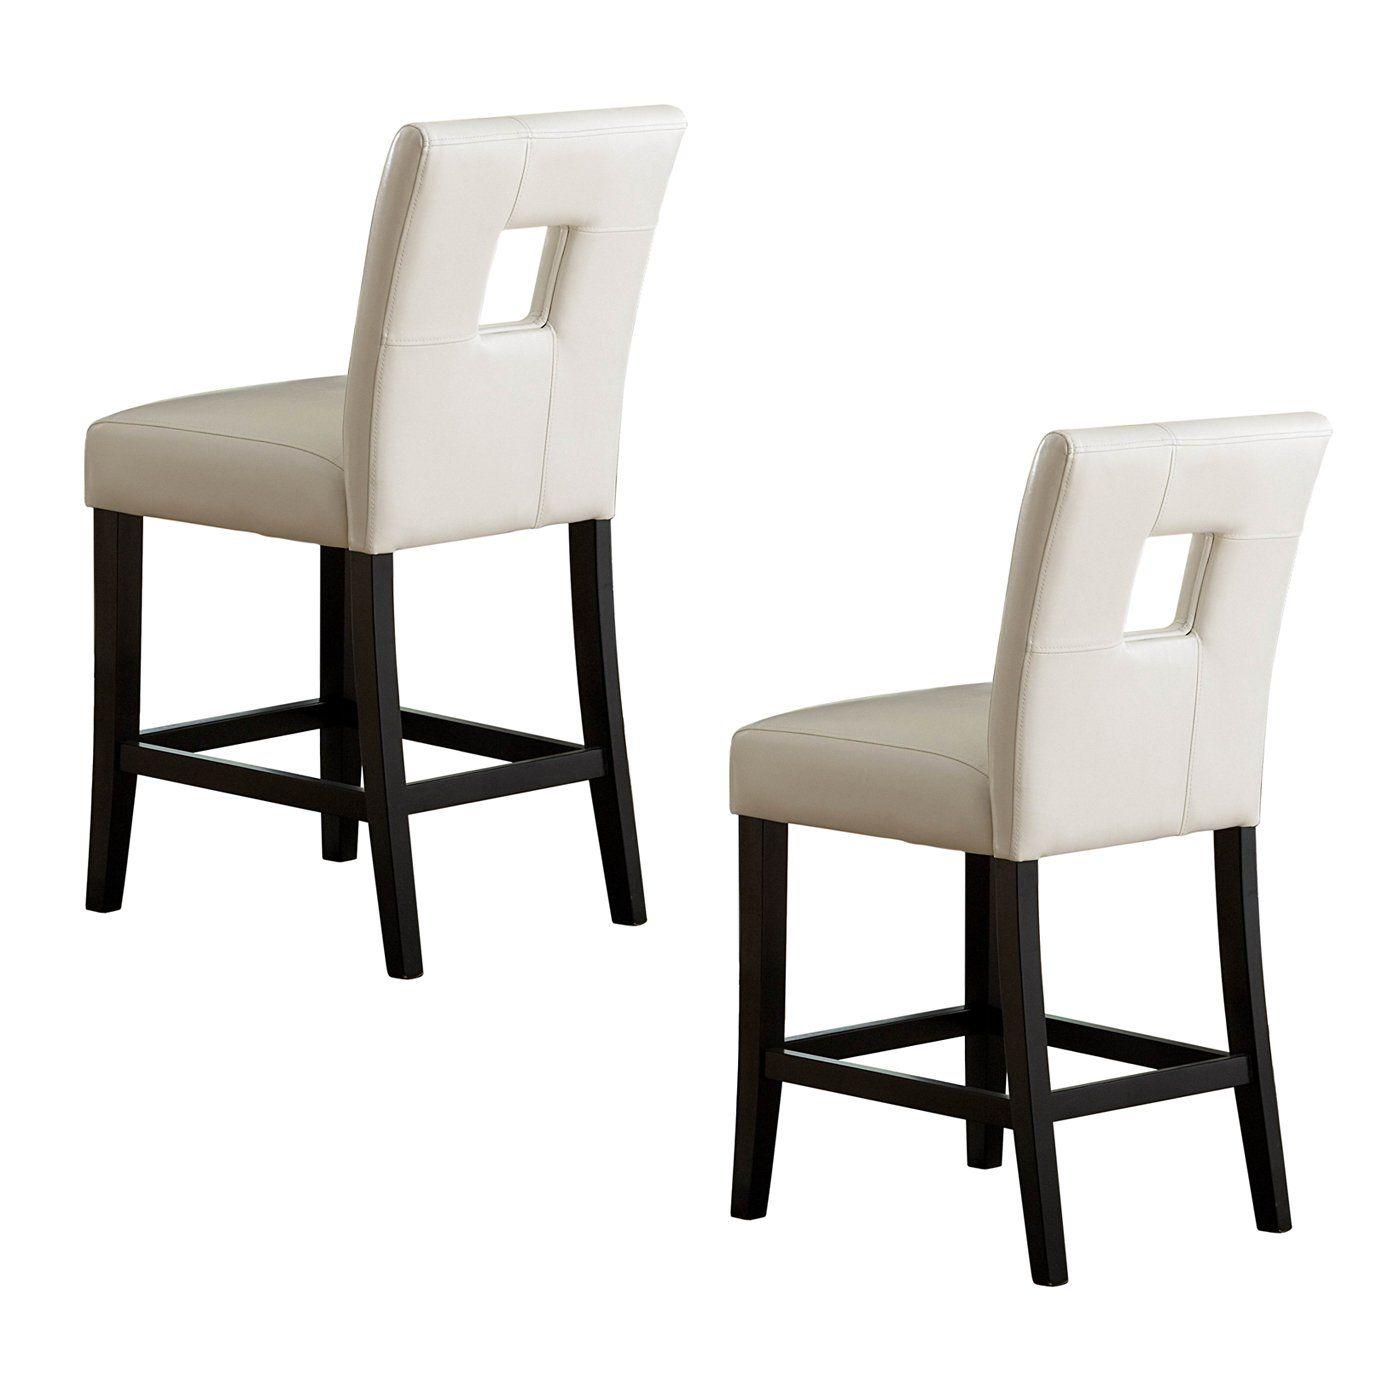 Stuhl Höhe Hocker | Stühle | Pinterest | Stuhl und Hocker